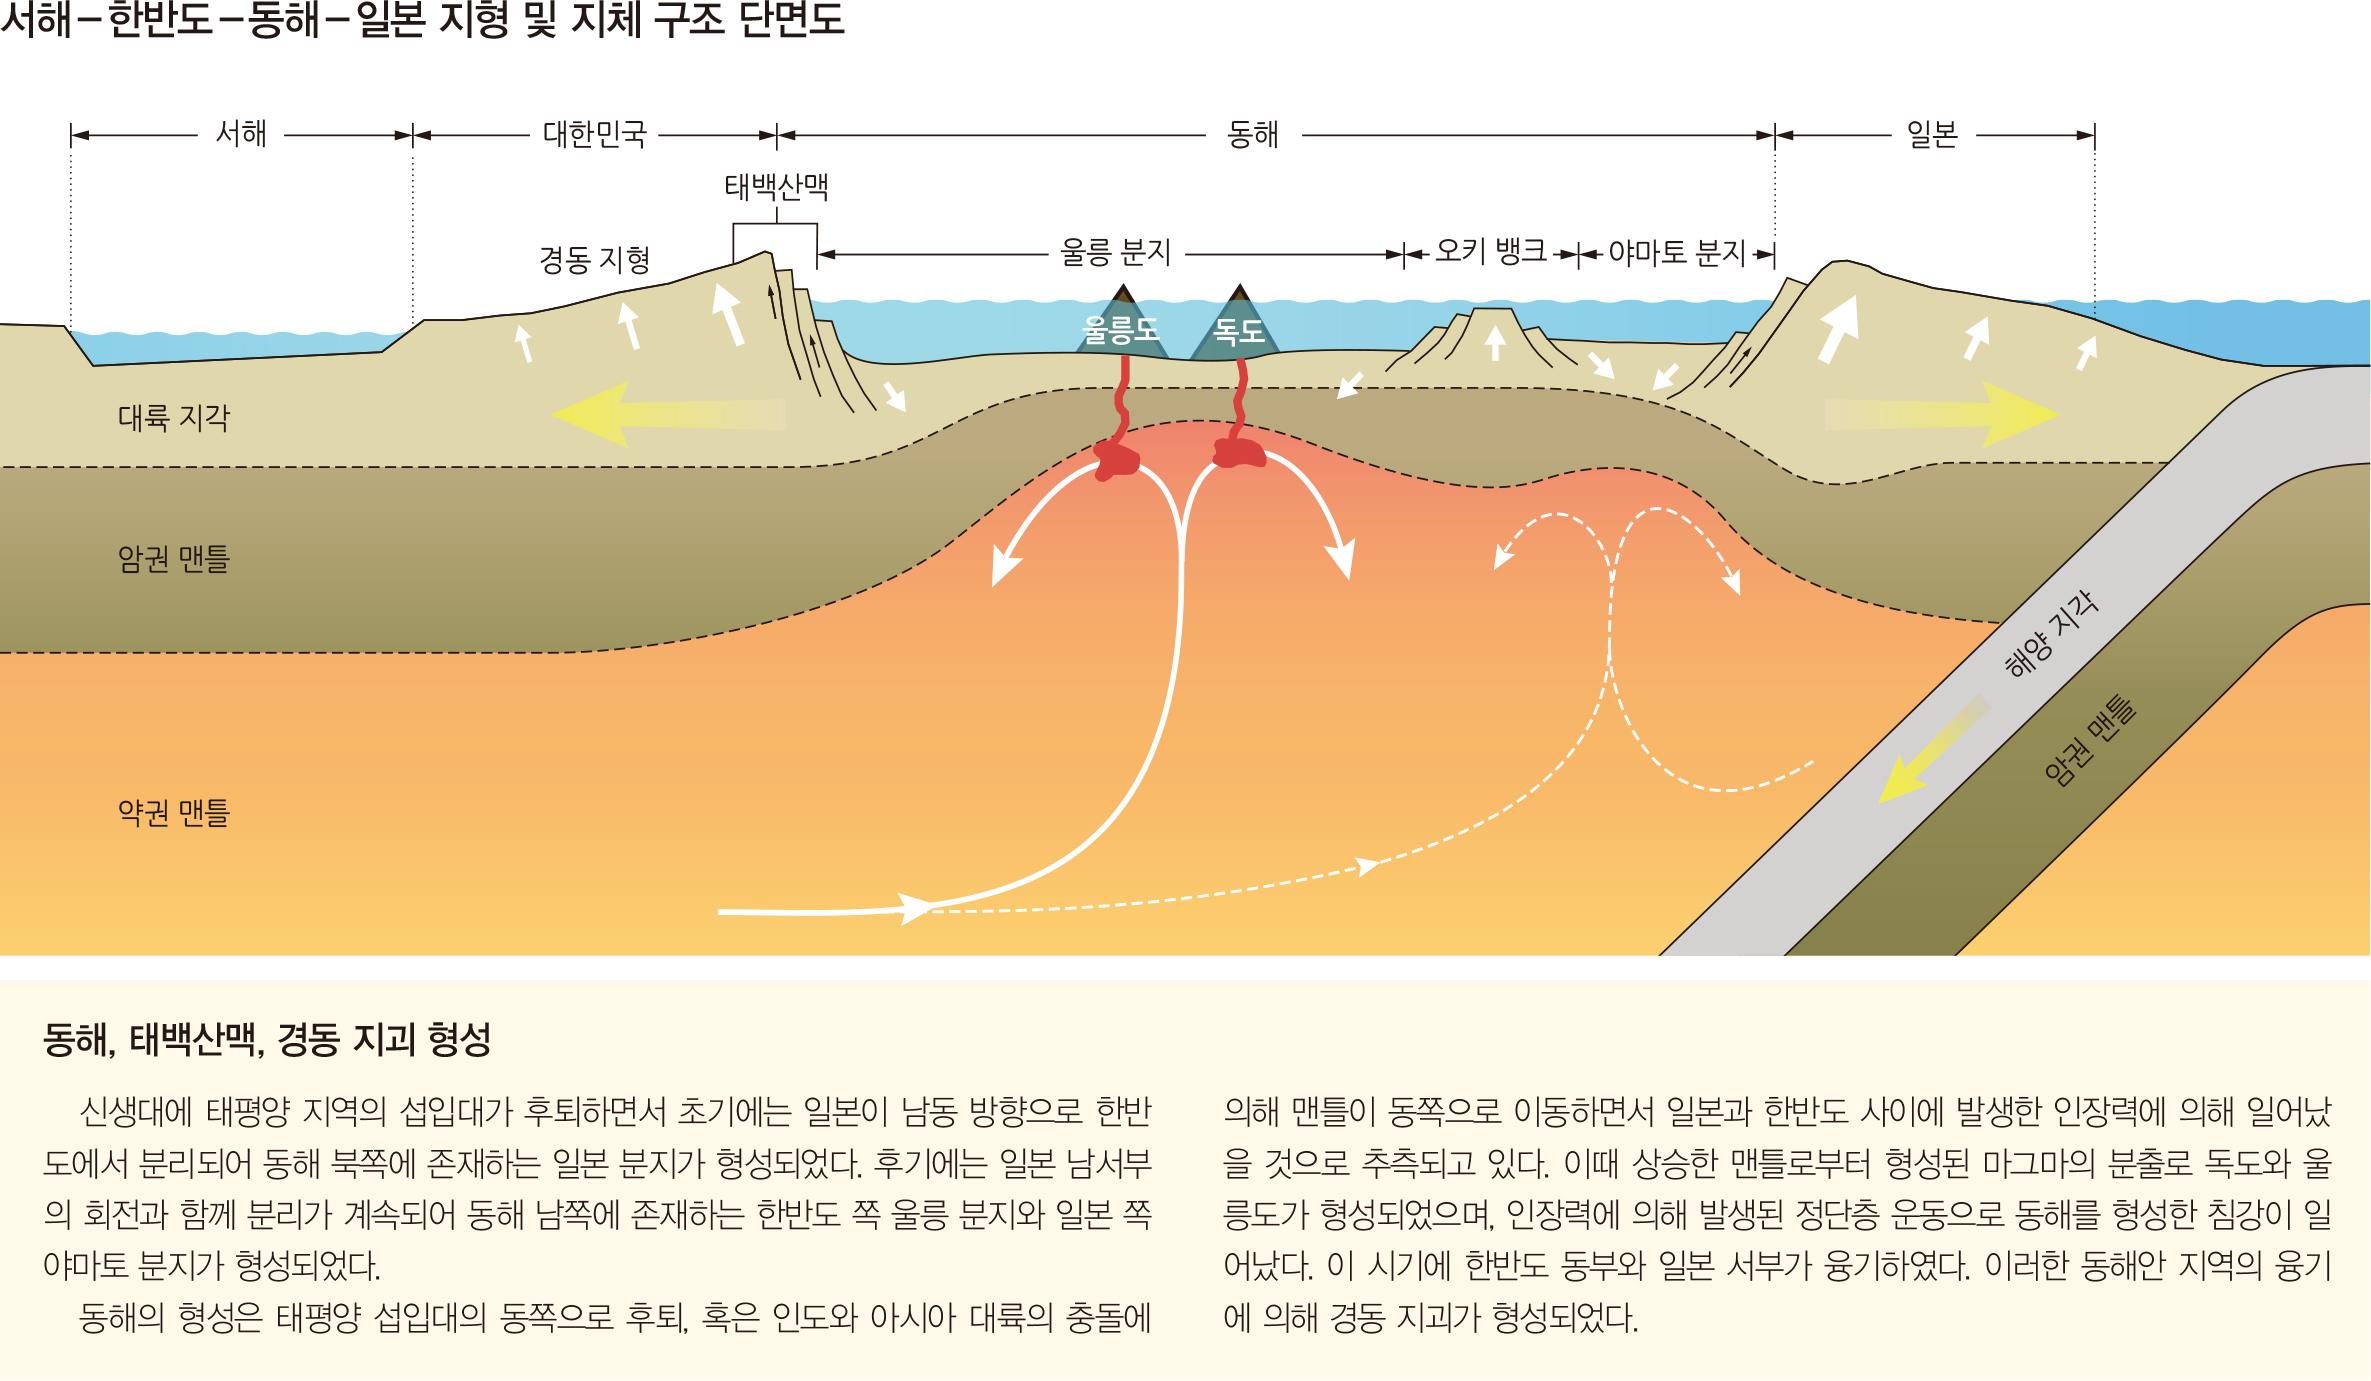 서해-한반도-동해-일본 지형 및 지체 구조 단면도